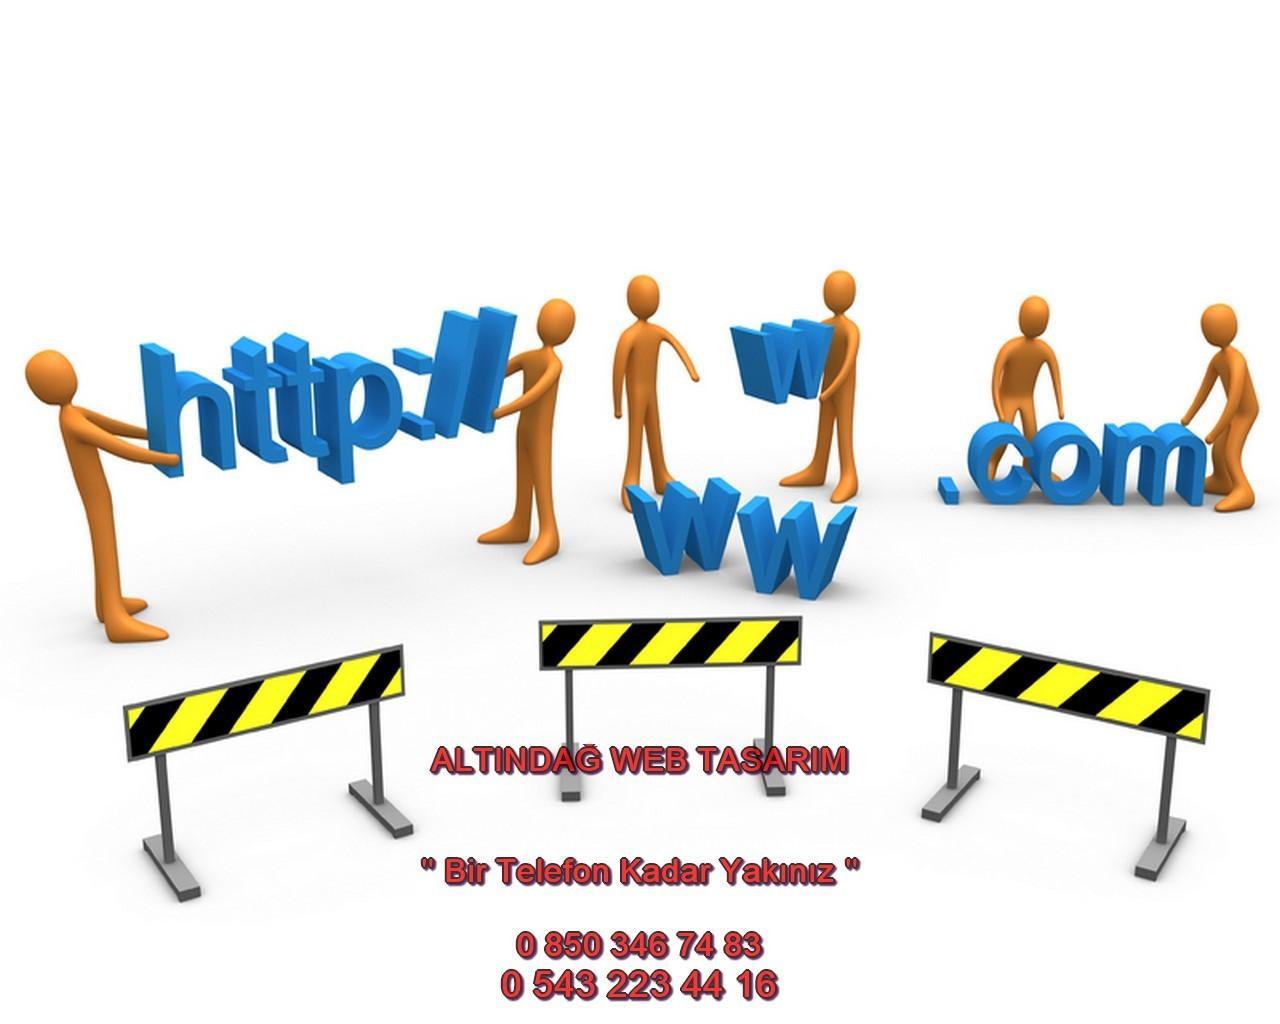 Altındağ Web Tasarım